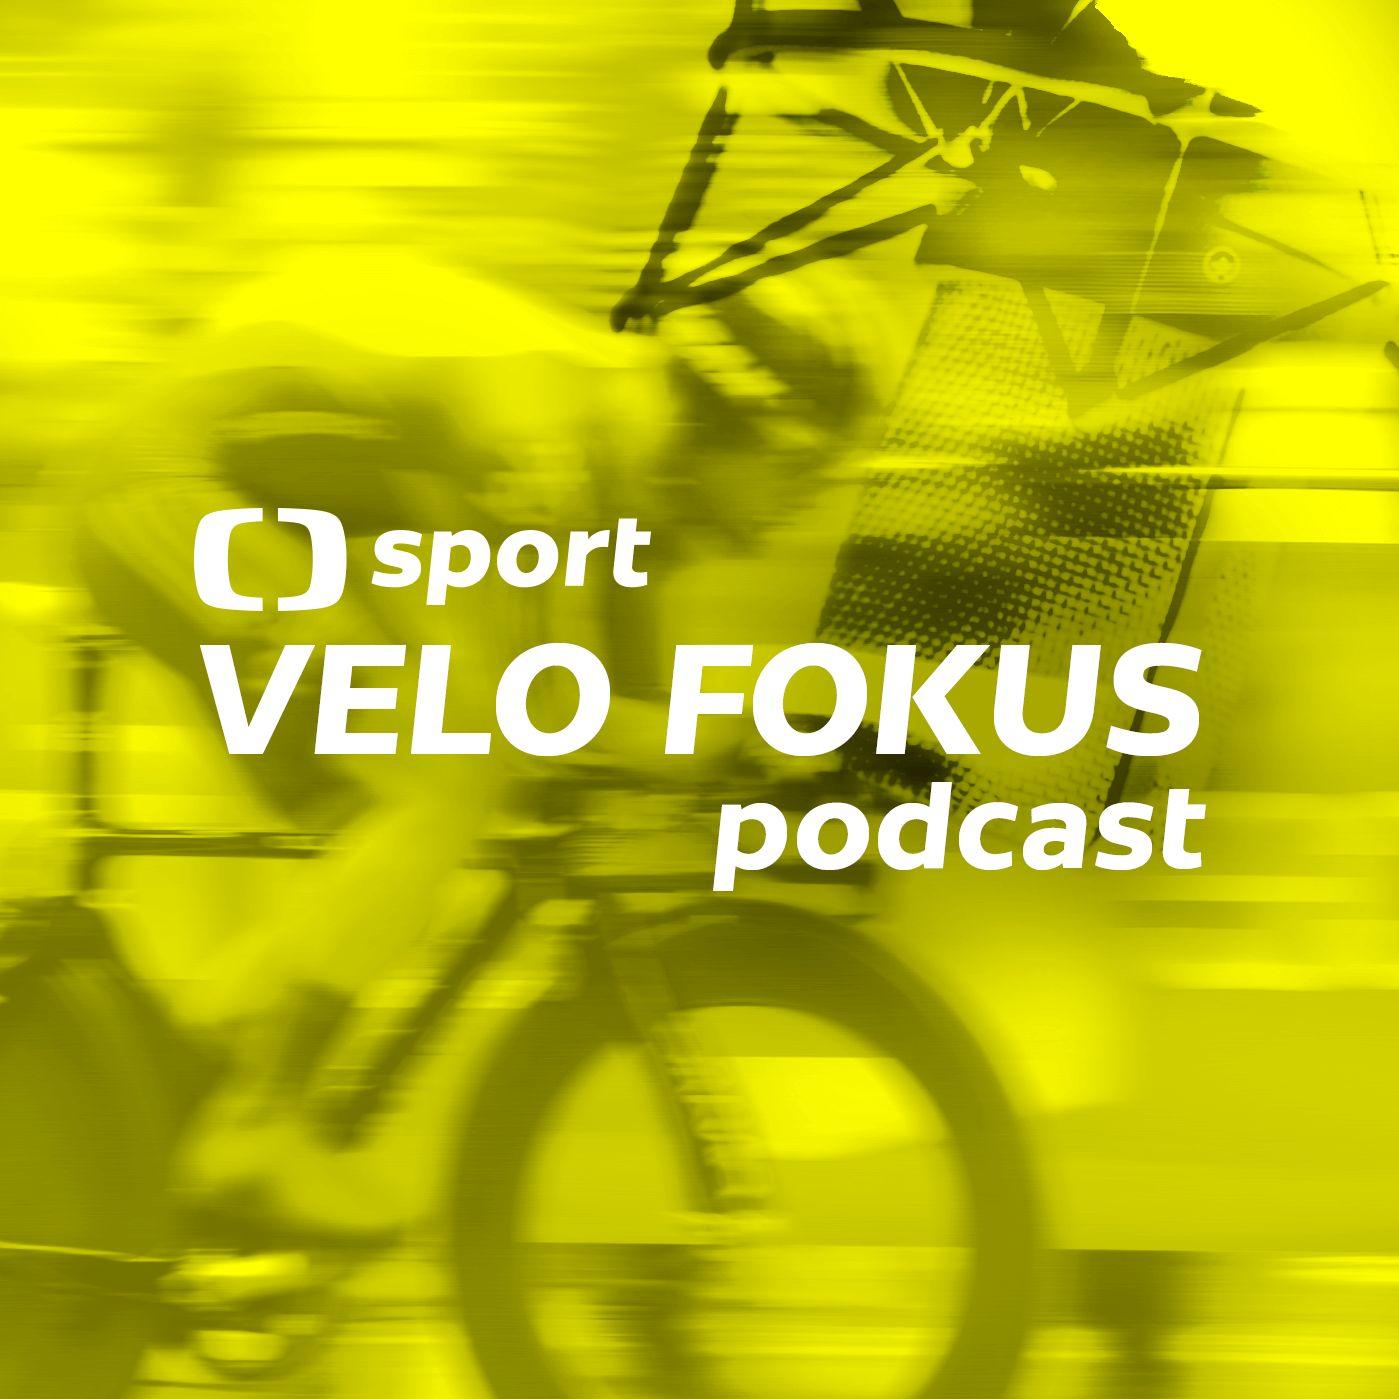 Velo fokus podcast: Co čekat od Paříž-Roubaix? A je Königova kariéra v ohrožení?